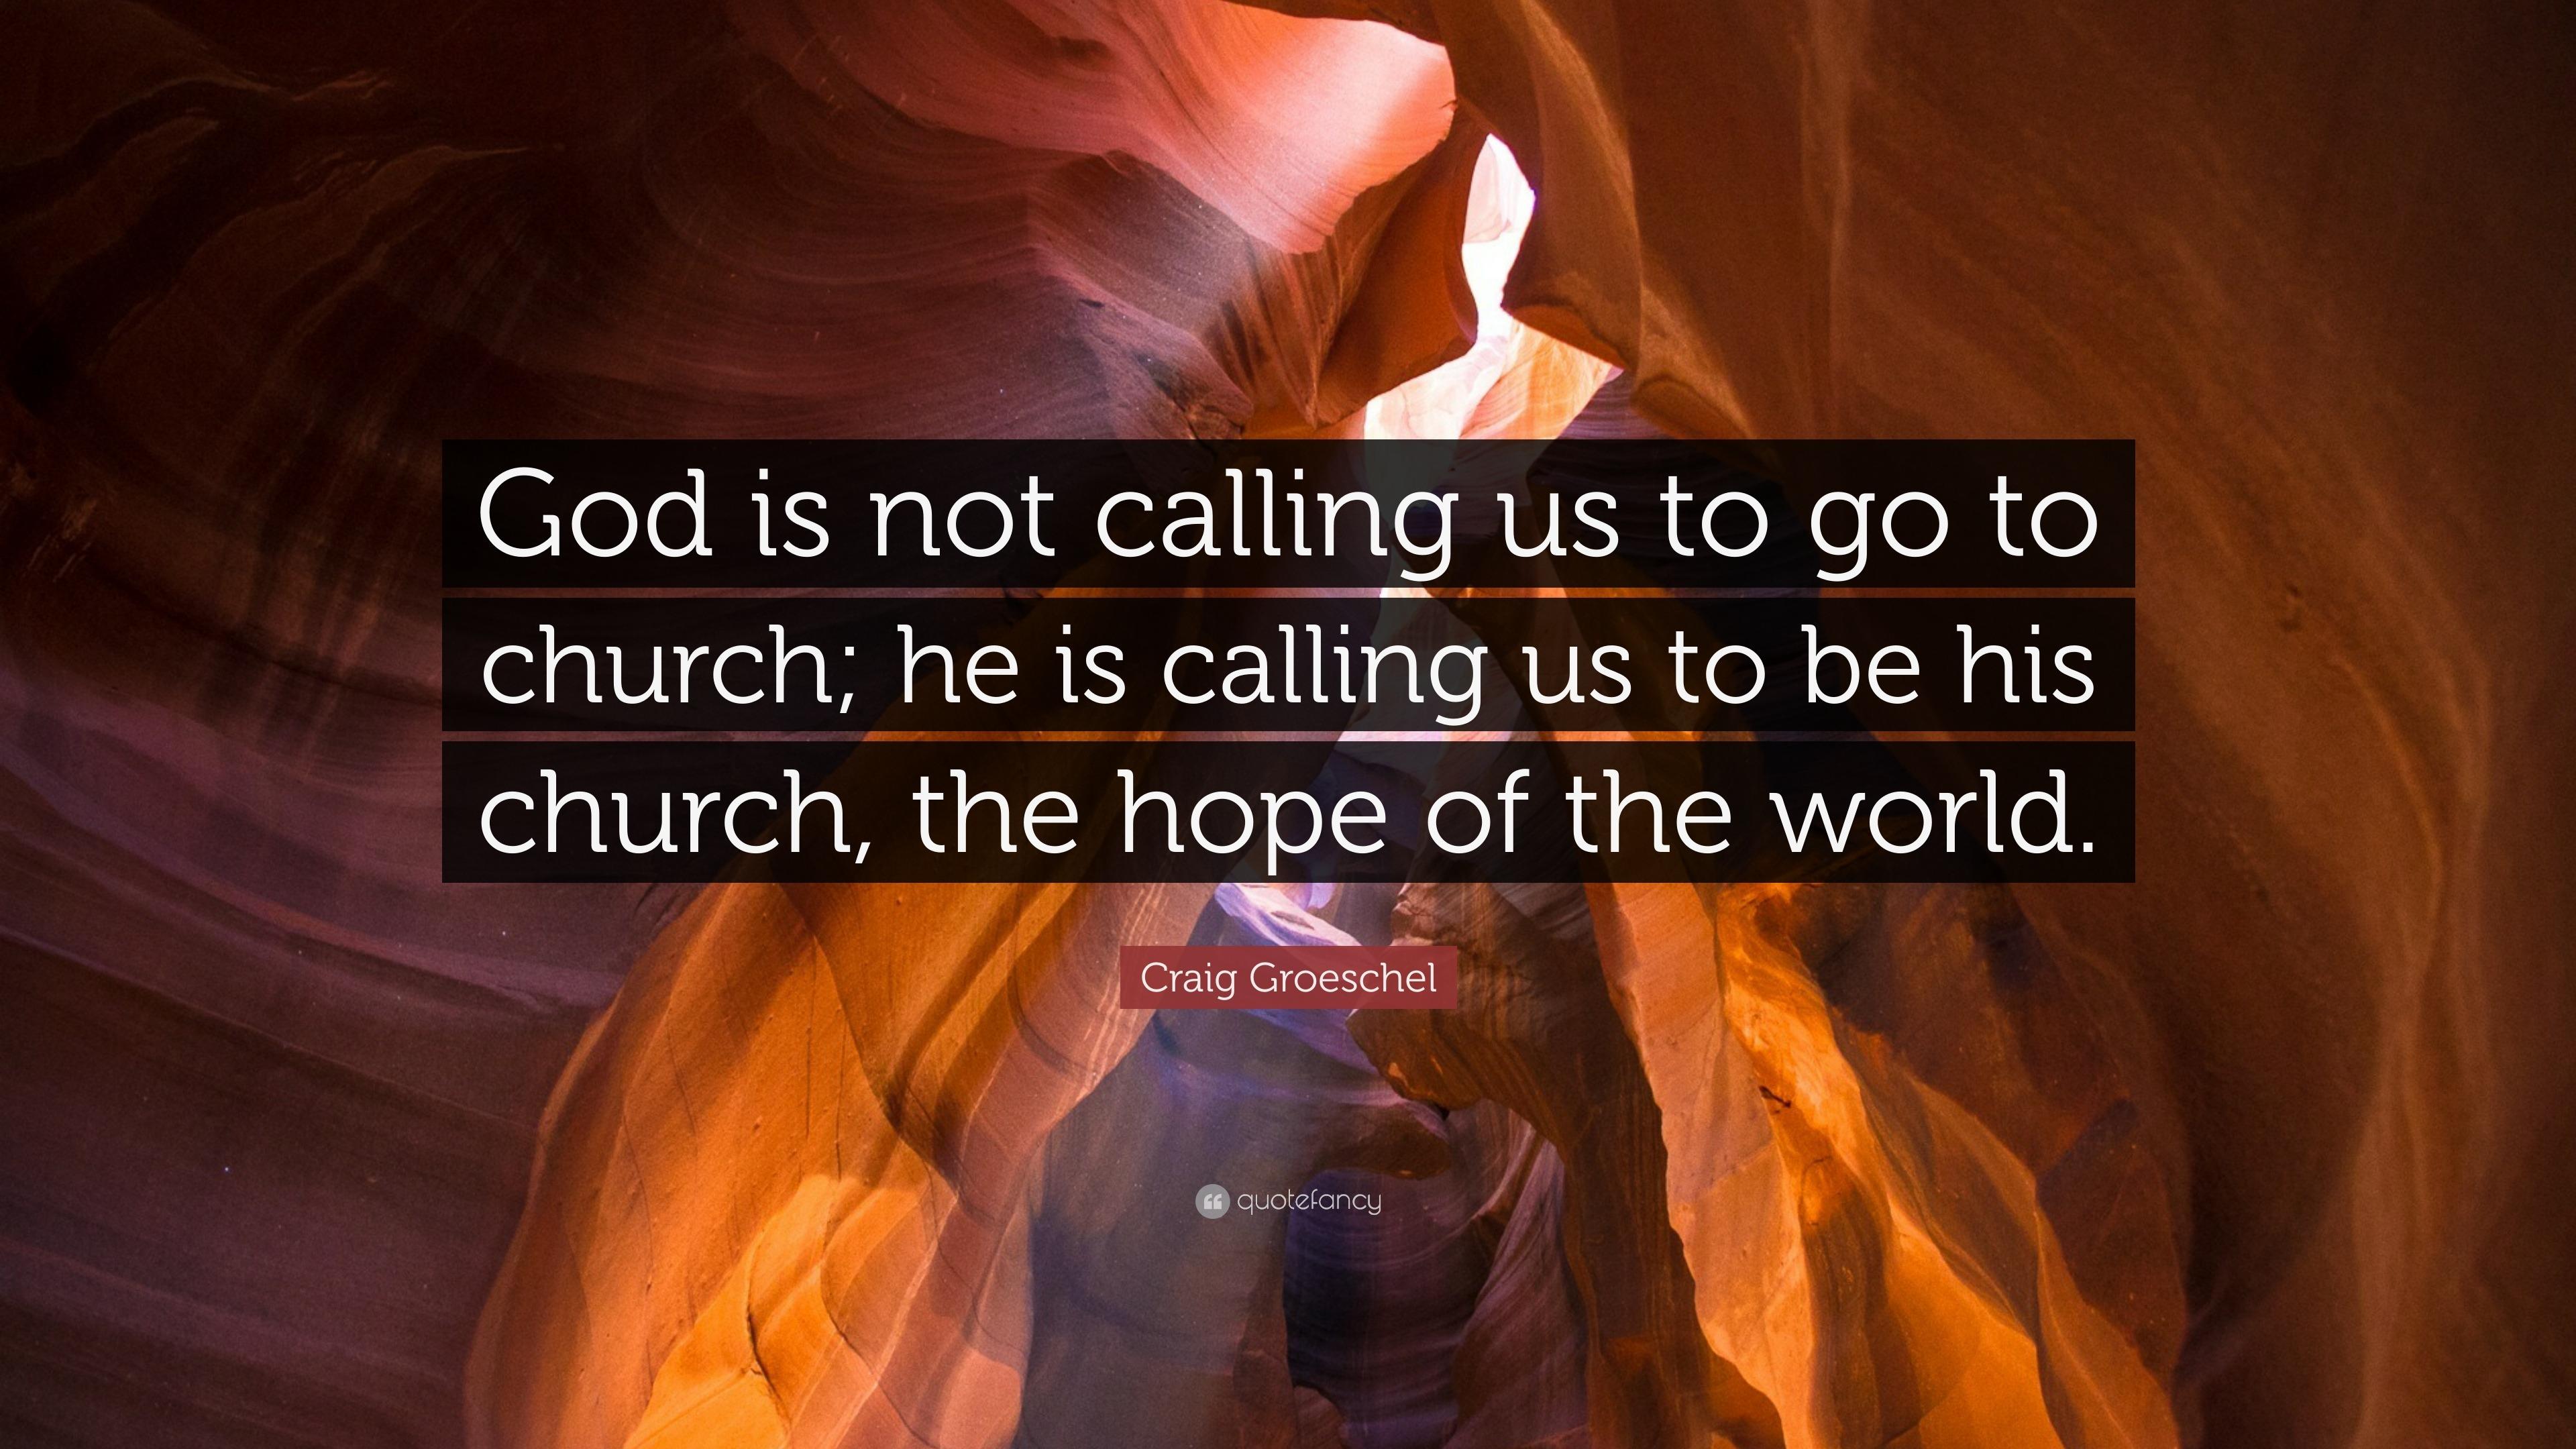 he is not calling